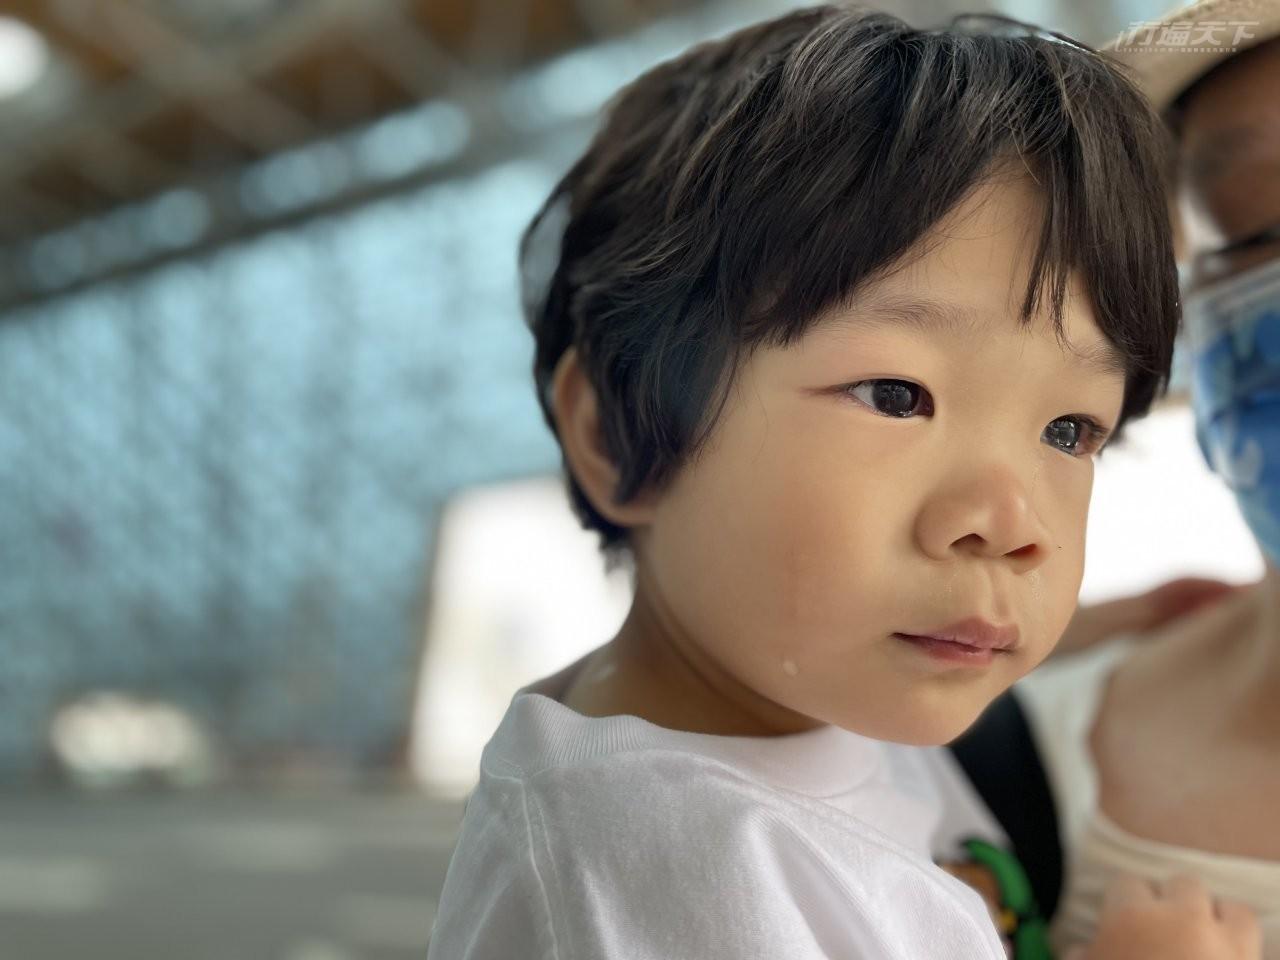 ▲採檢後,小弟小漢堡哭得可憐,直說喉嚨好痛。(後來吃了糖果就立馬好了!)